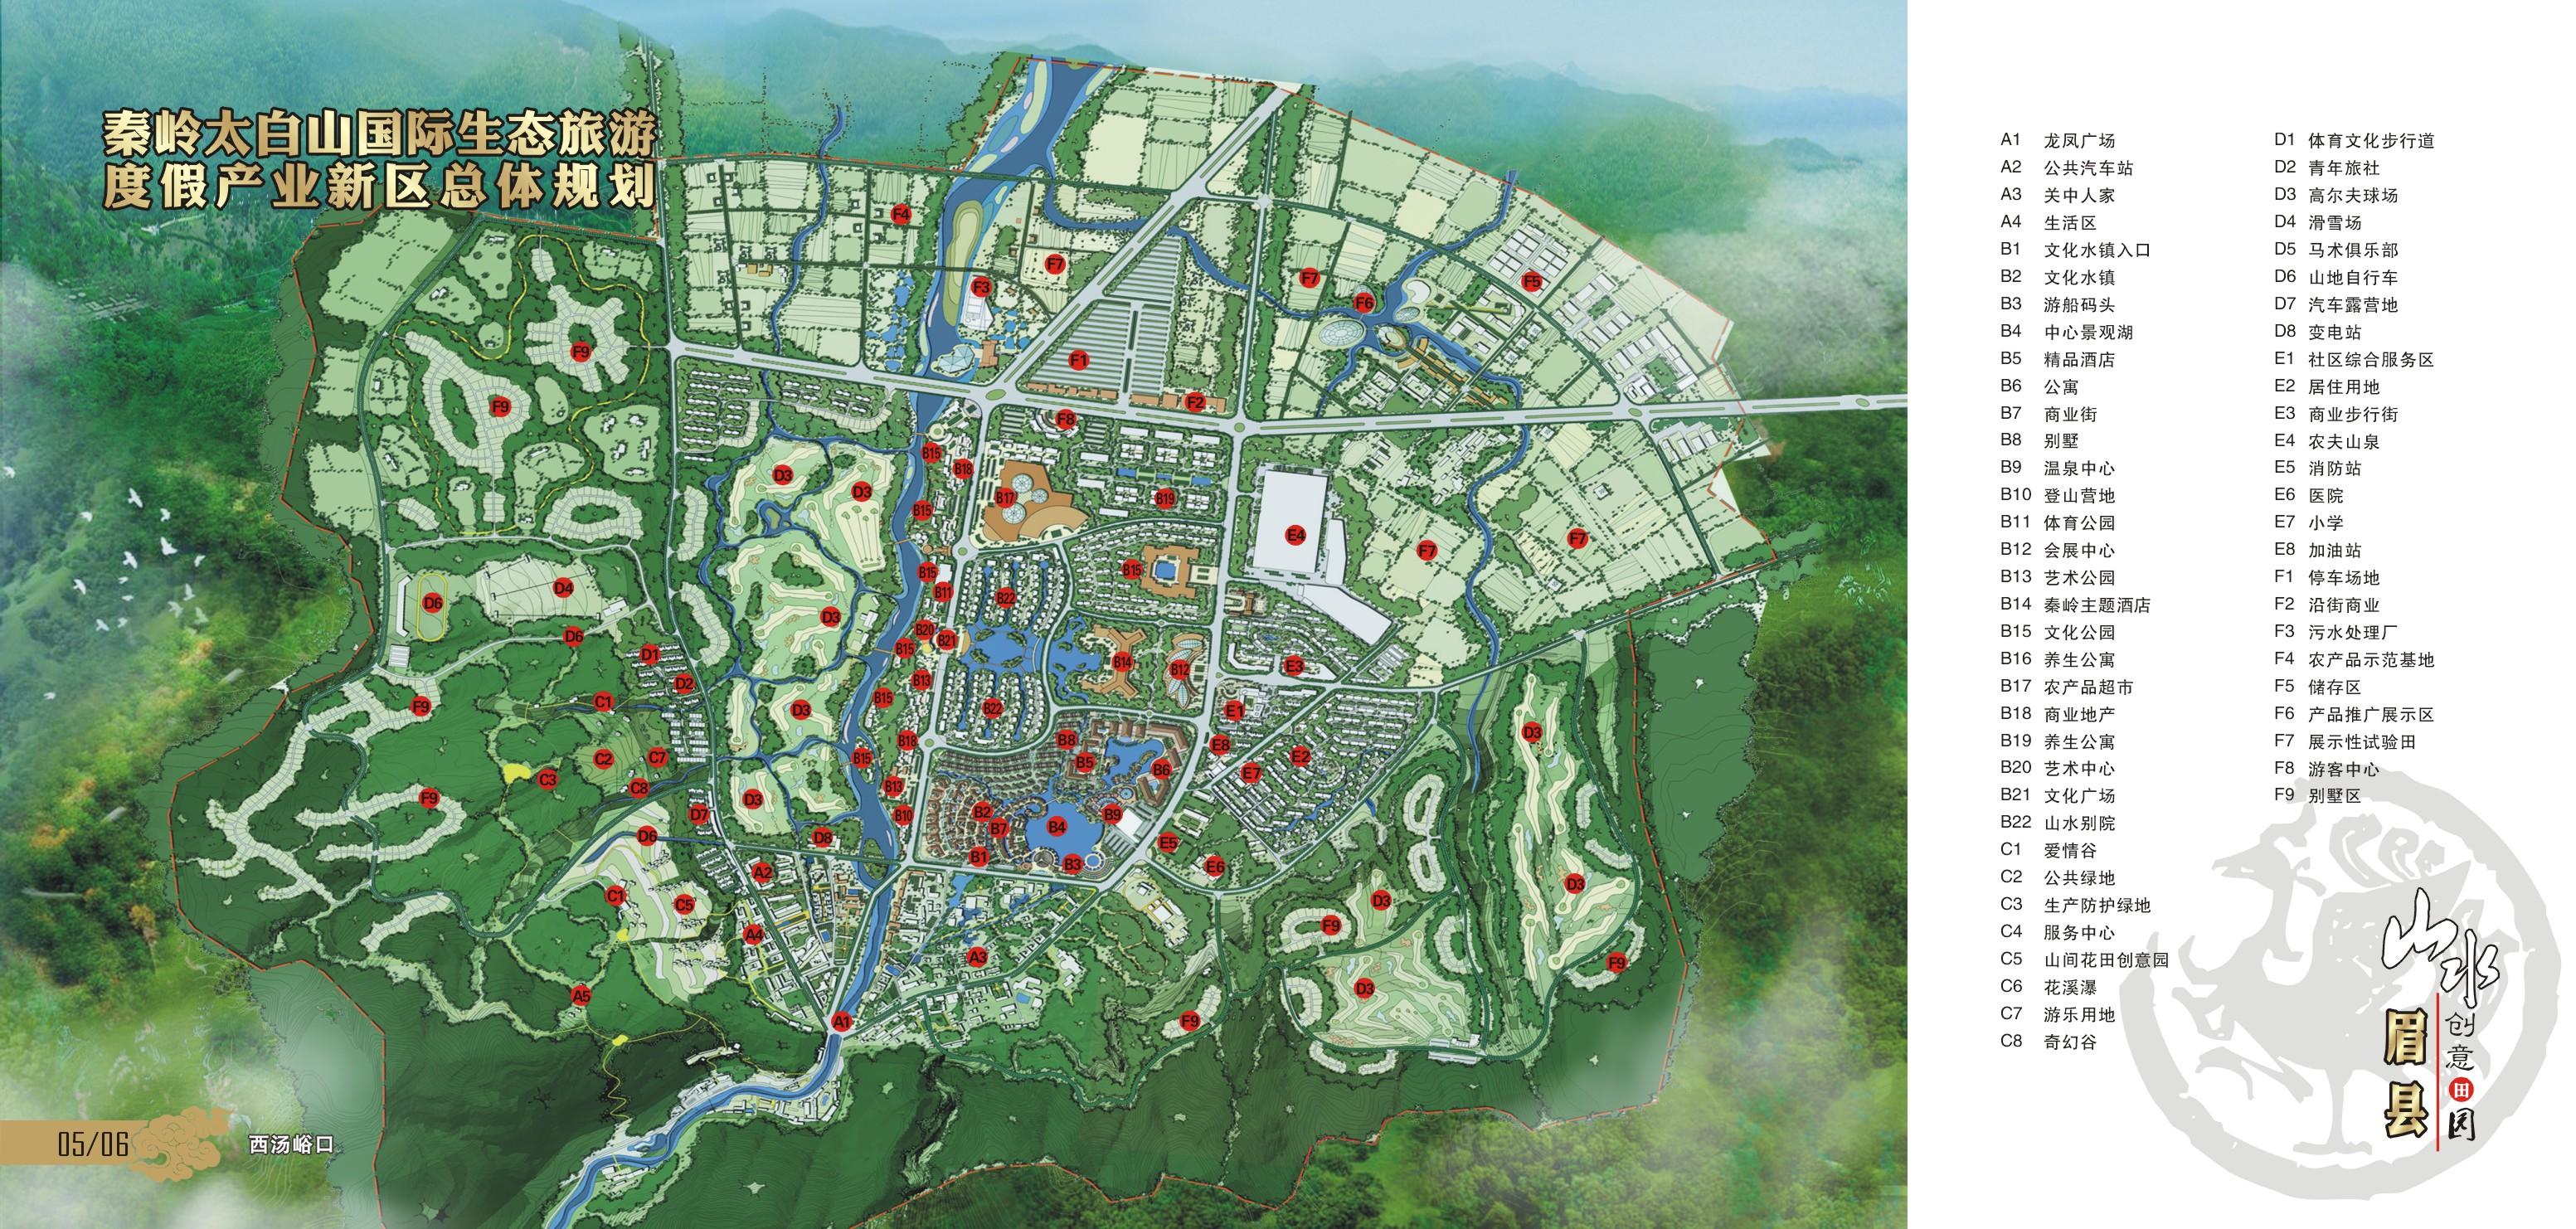 太白山国际生态旅游度假产业新区总规划